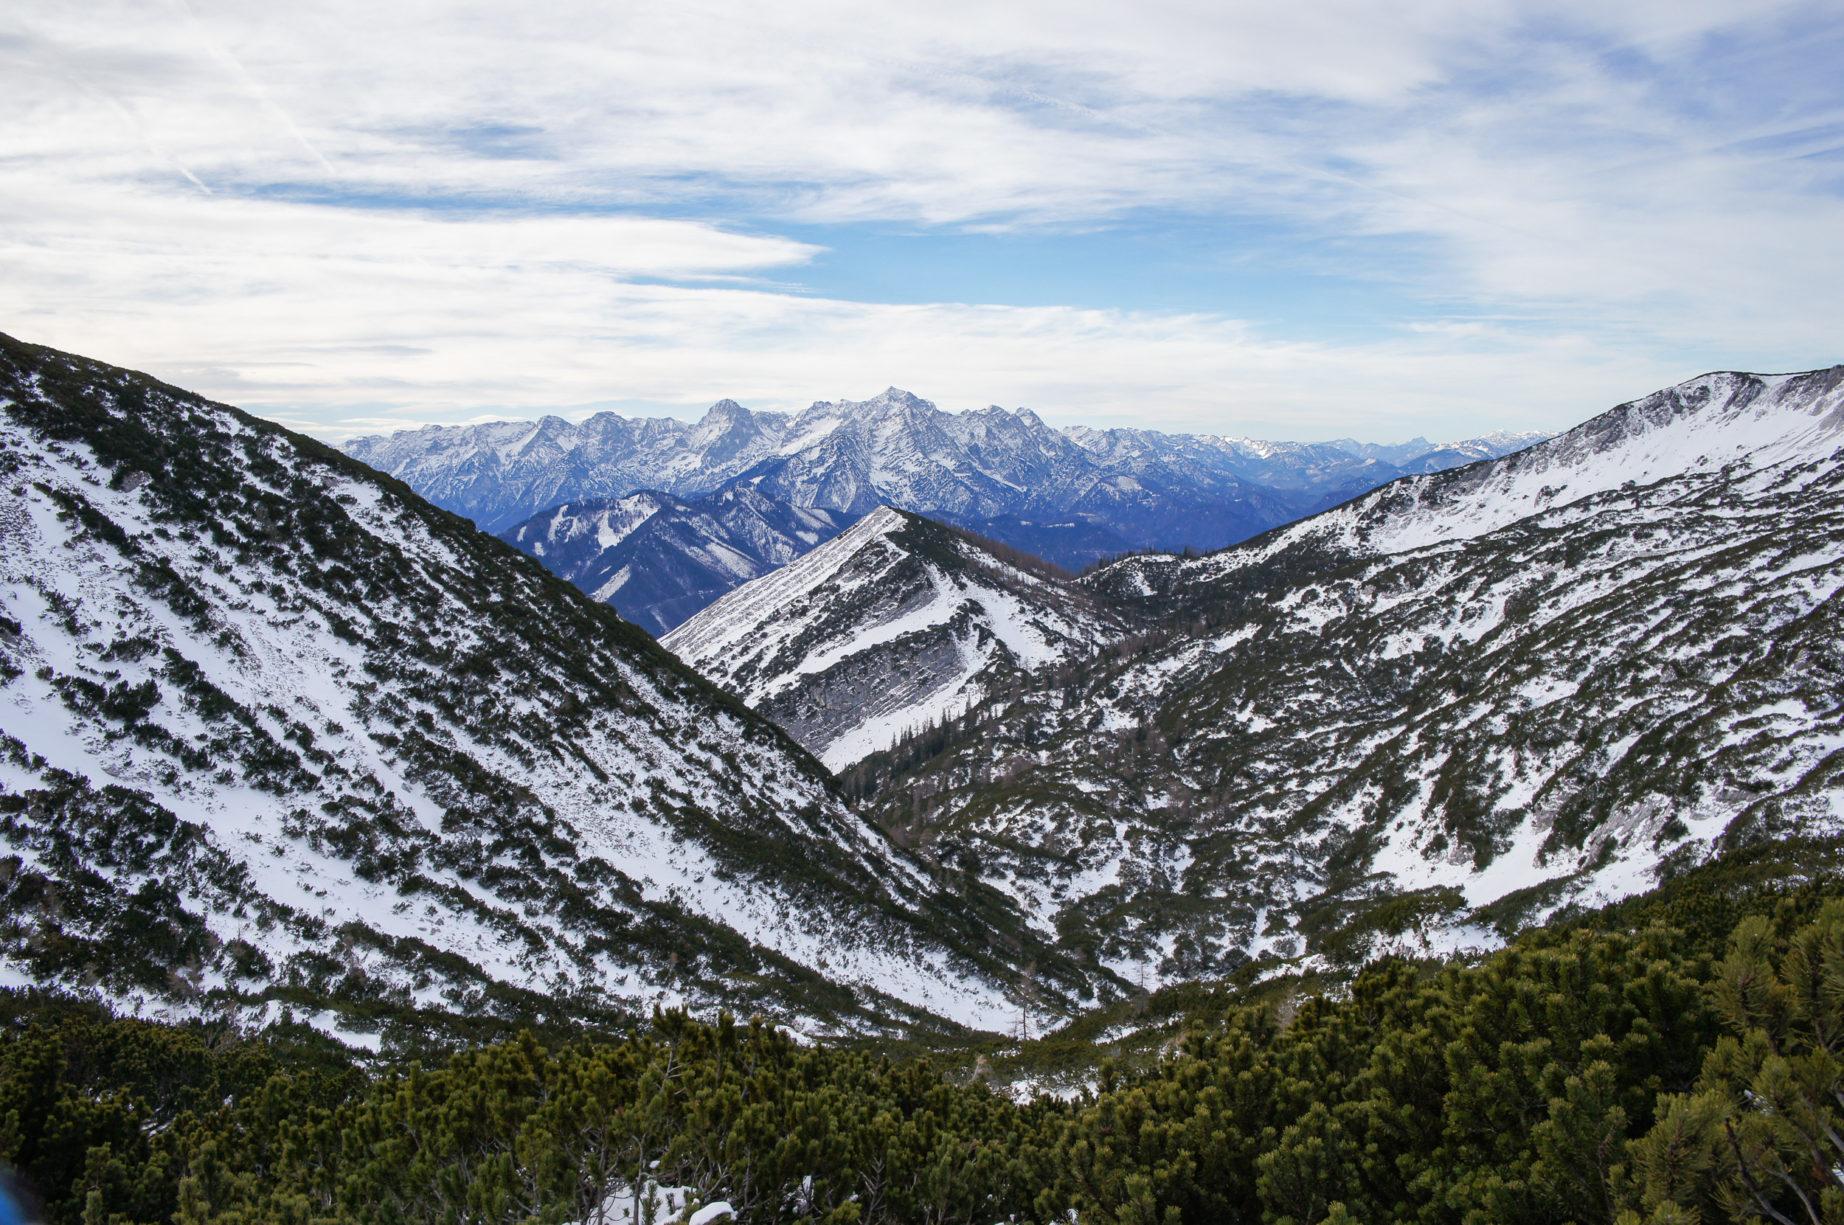 Im Vordergrund in der Mitte der Hagler, dahinter direkt das Tote Gebirge inklusive Großer Priel.